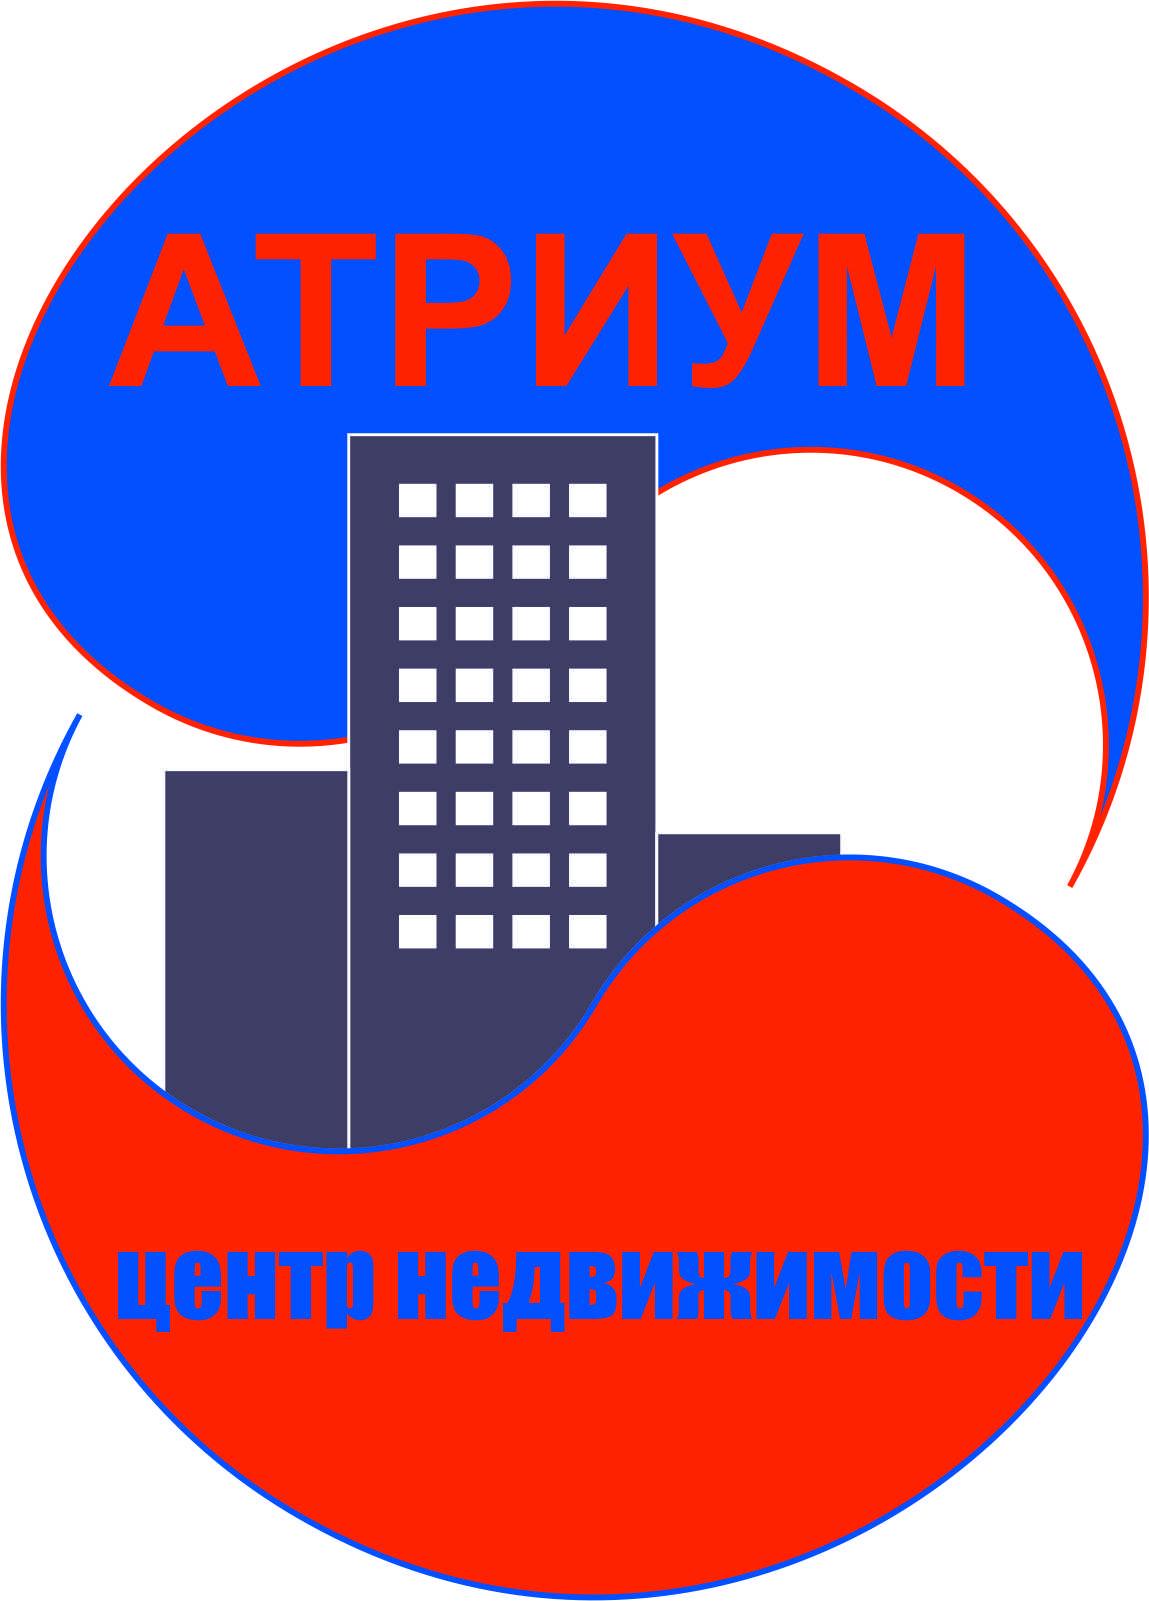 Редизайн / модернизация логотипа Центра недвижимости фото f_4425bc78c9dcaaa0.jpg